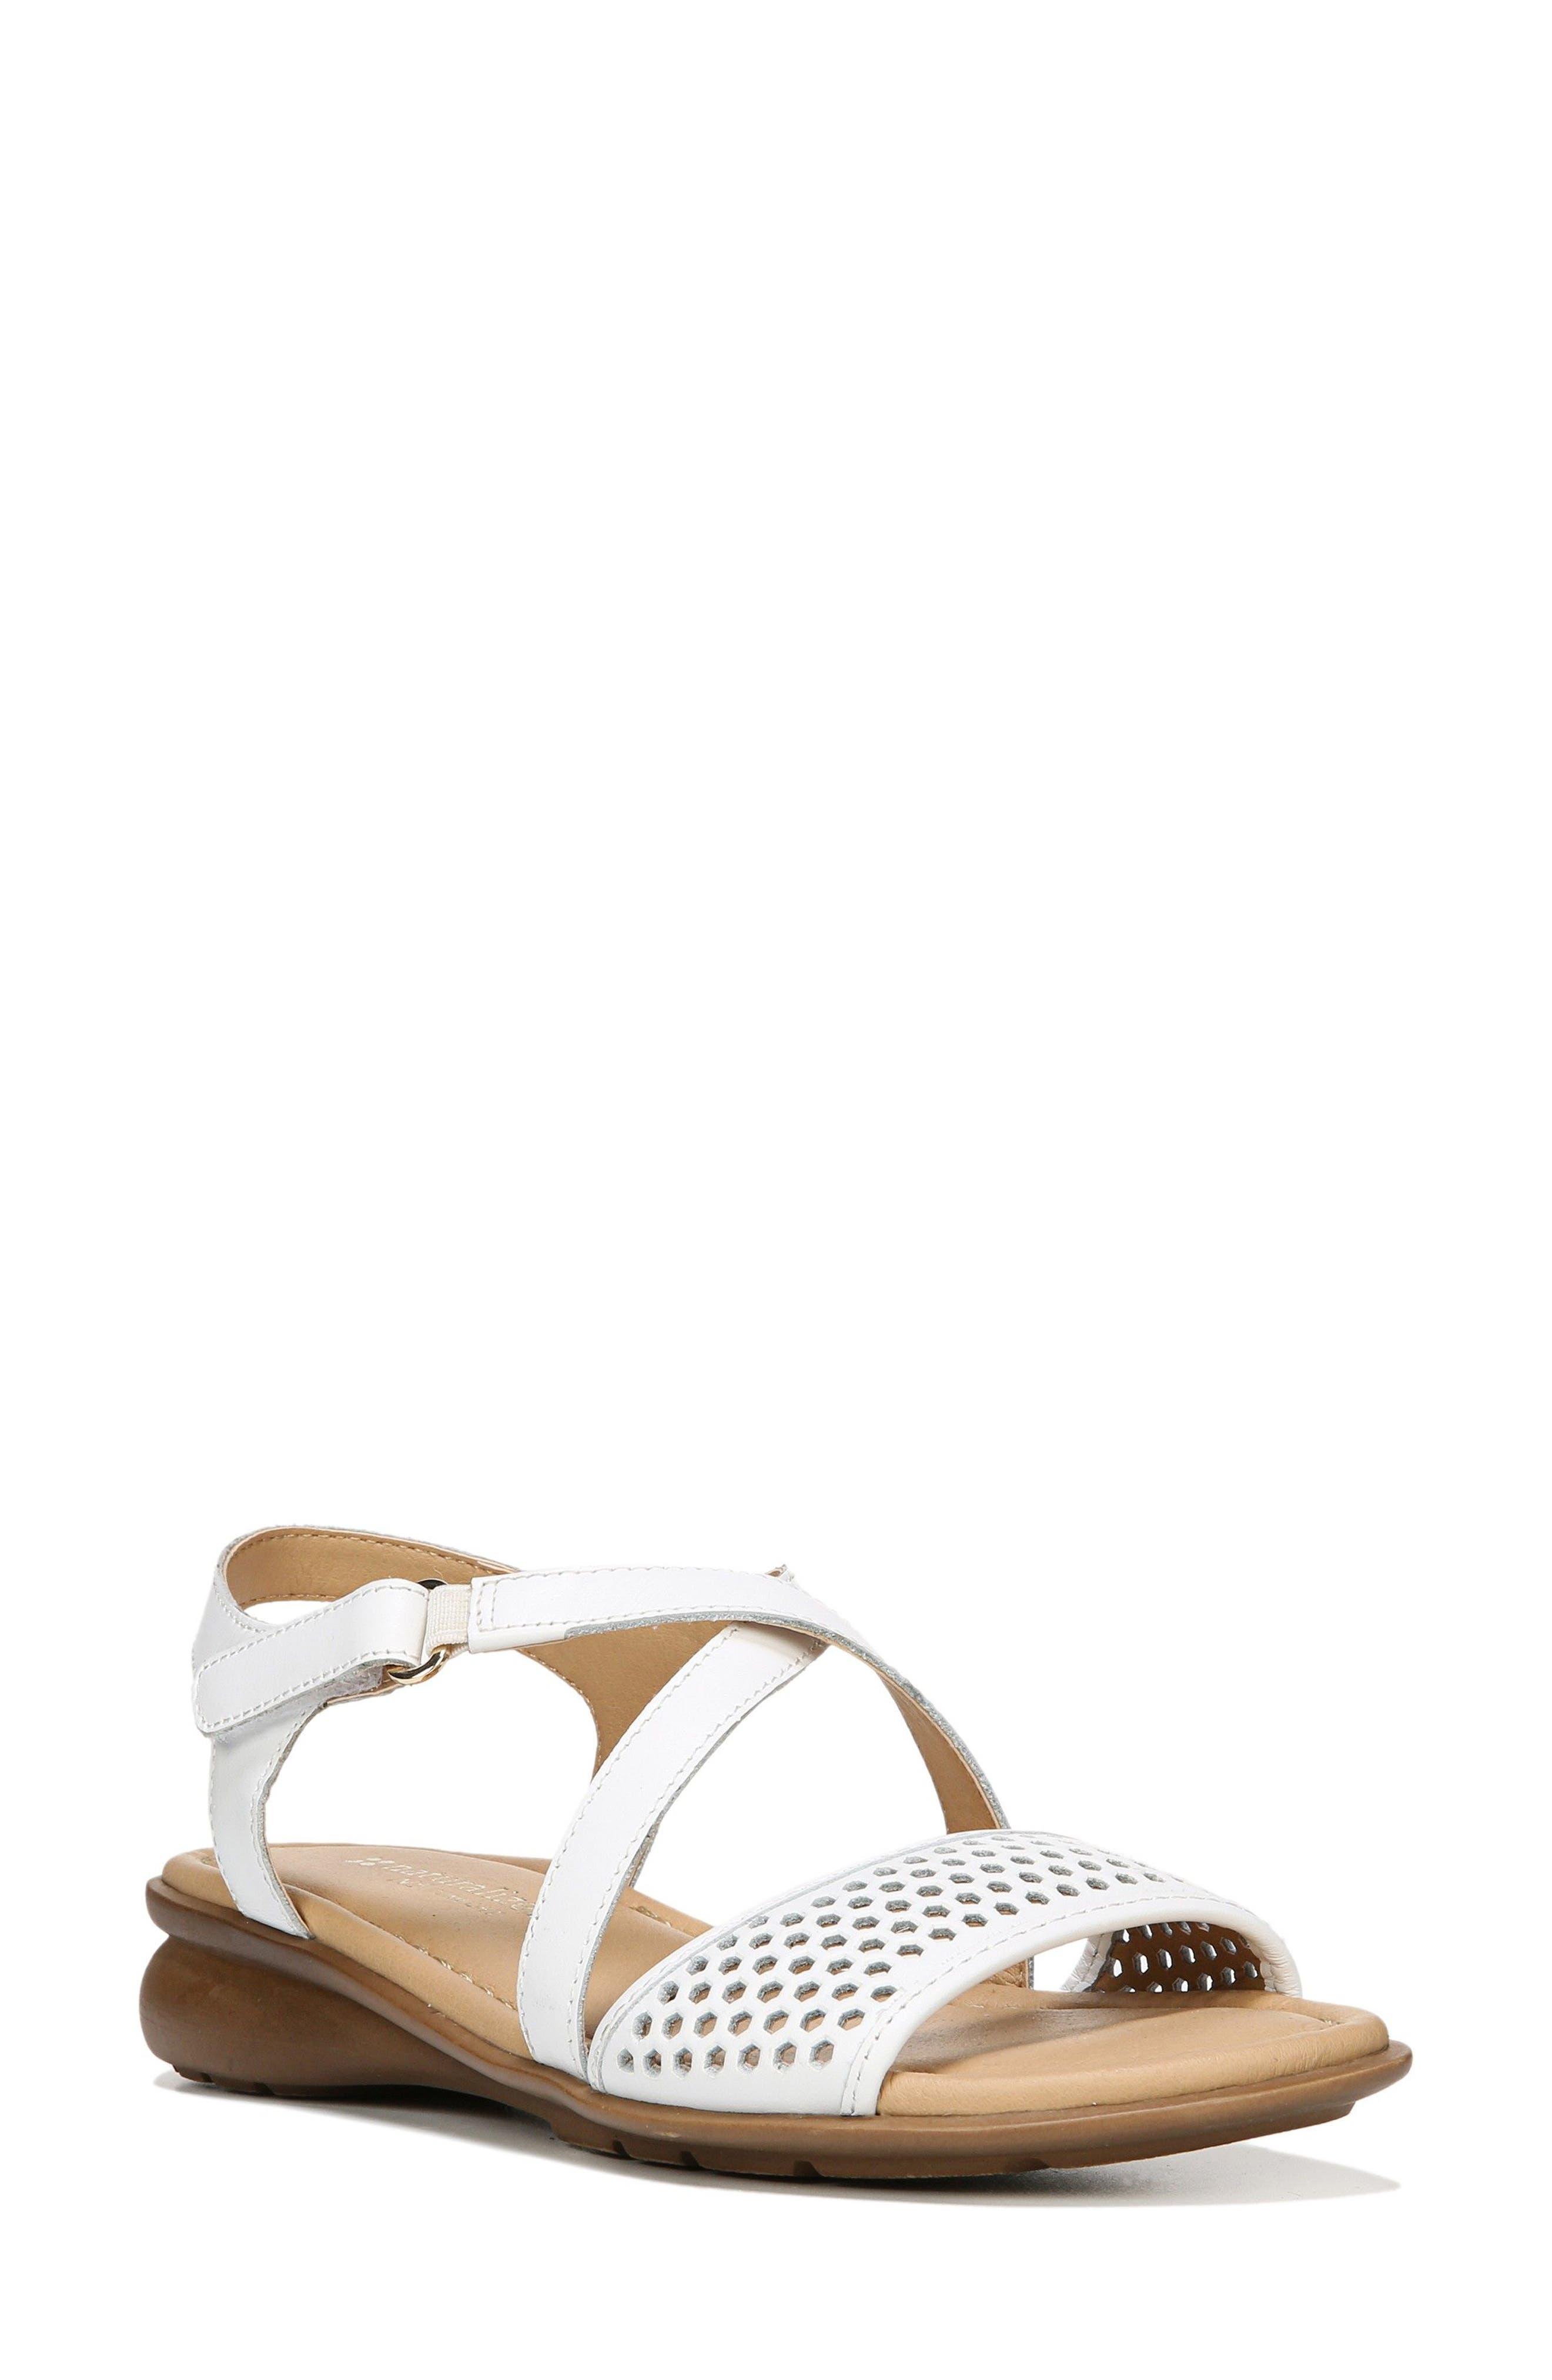 Alternate Image 1 Selected - Naturalizer Juniper Sandal (Women)